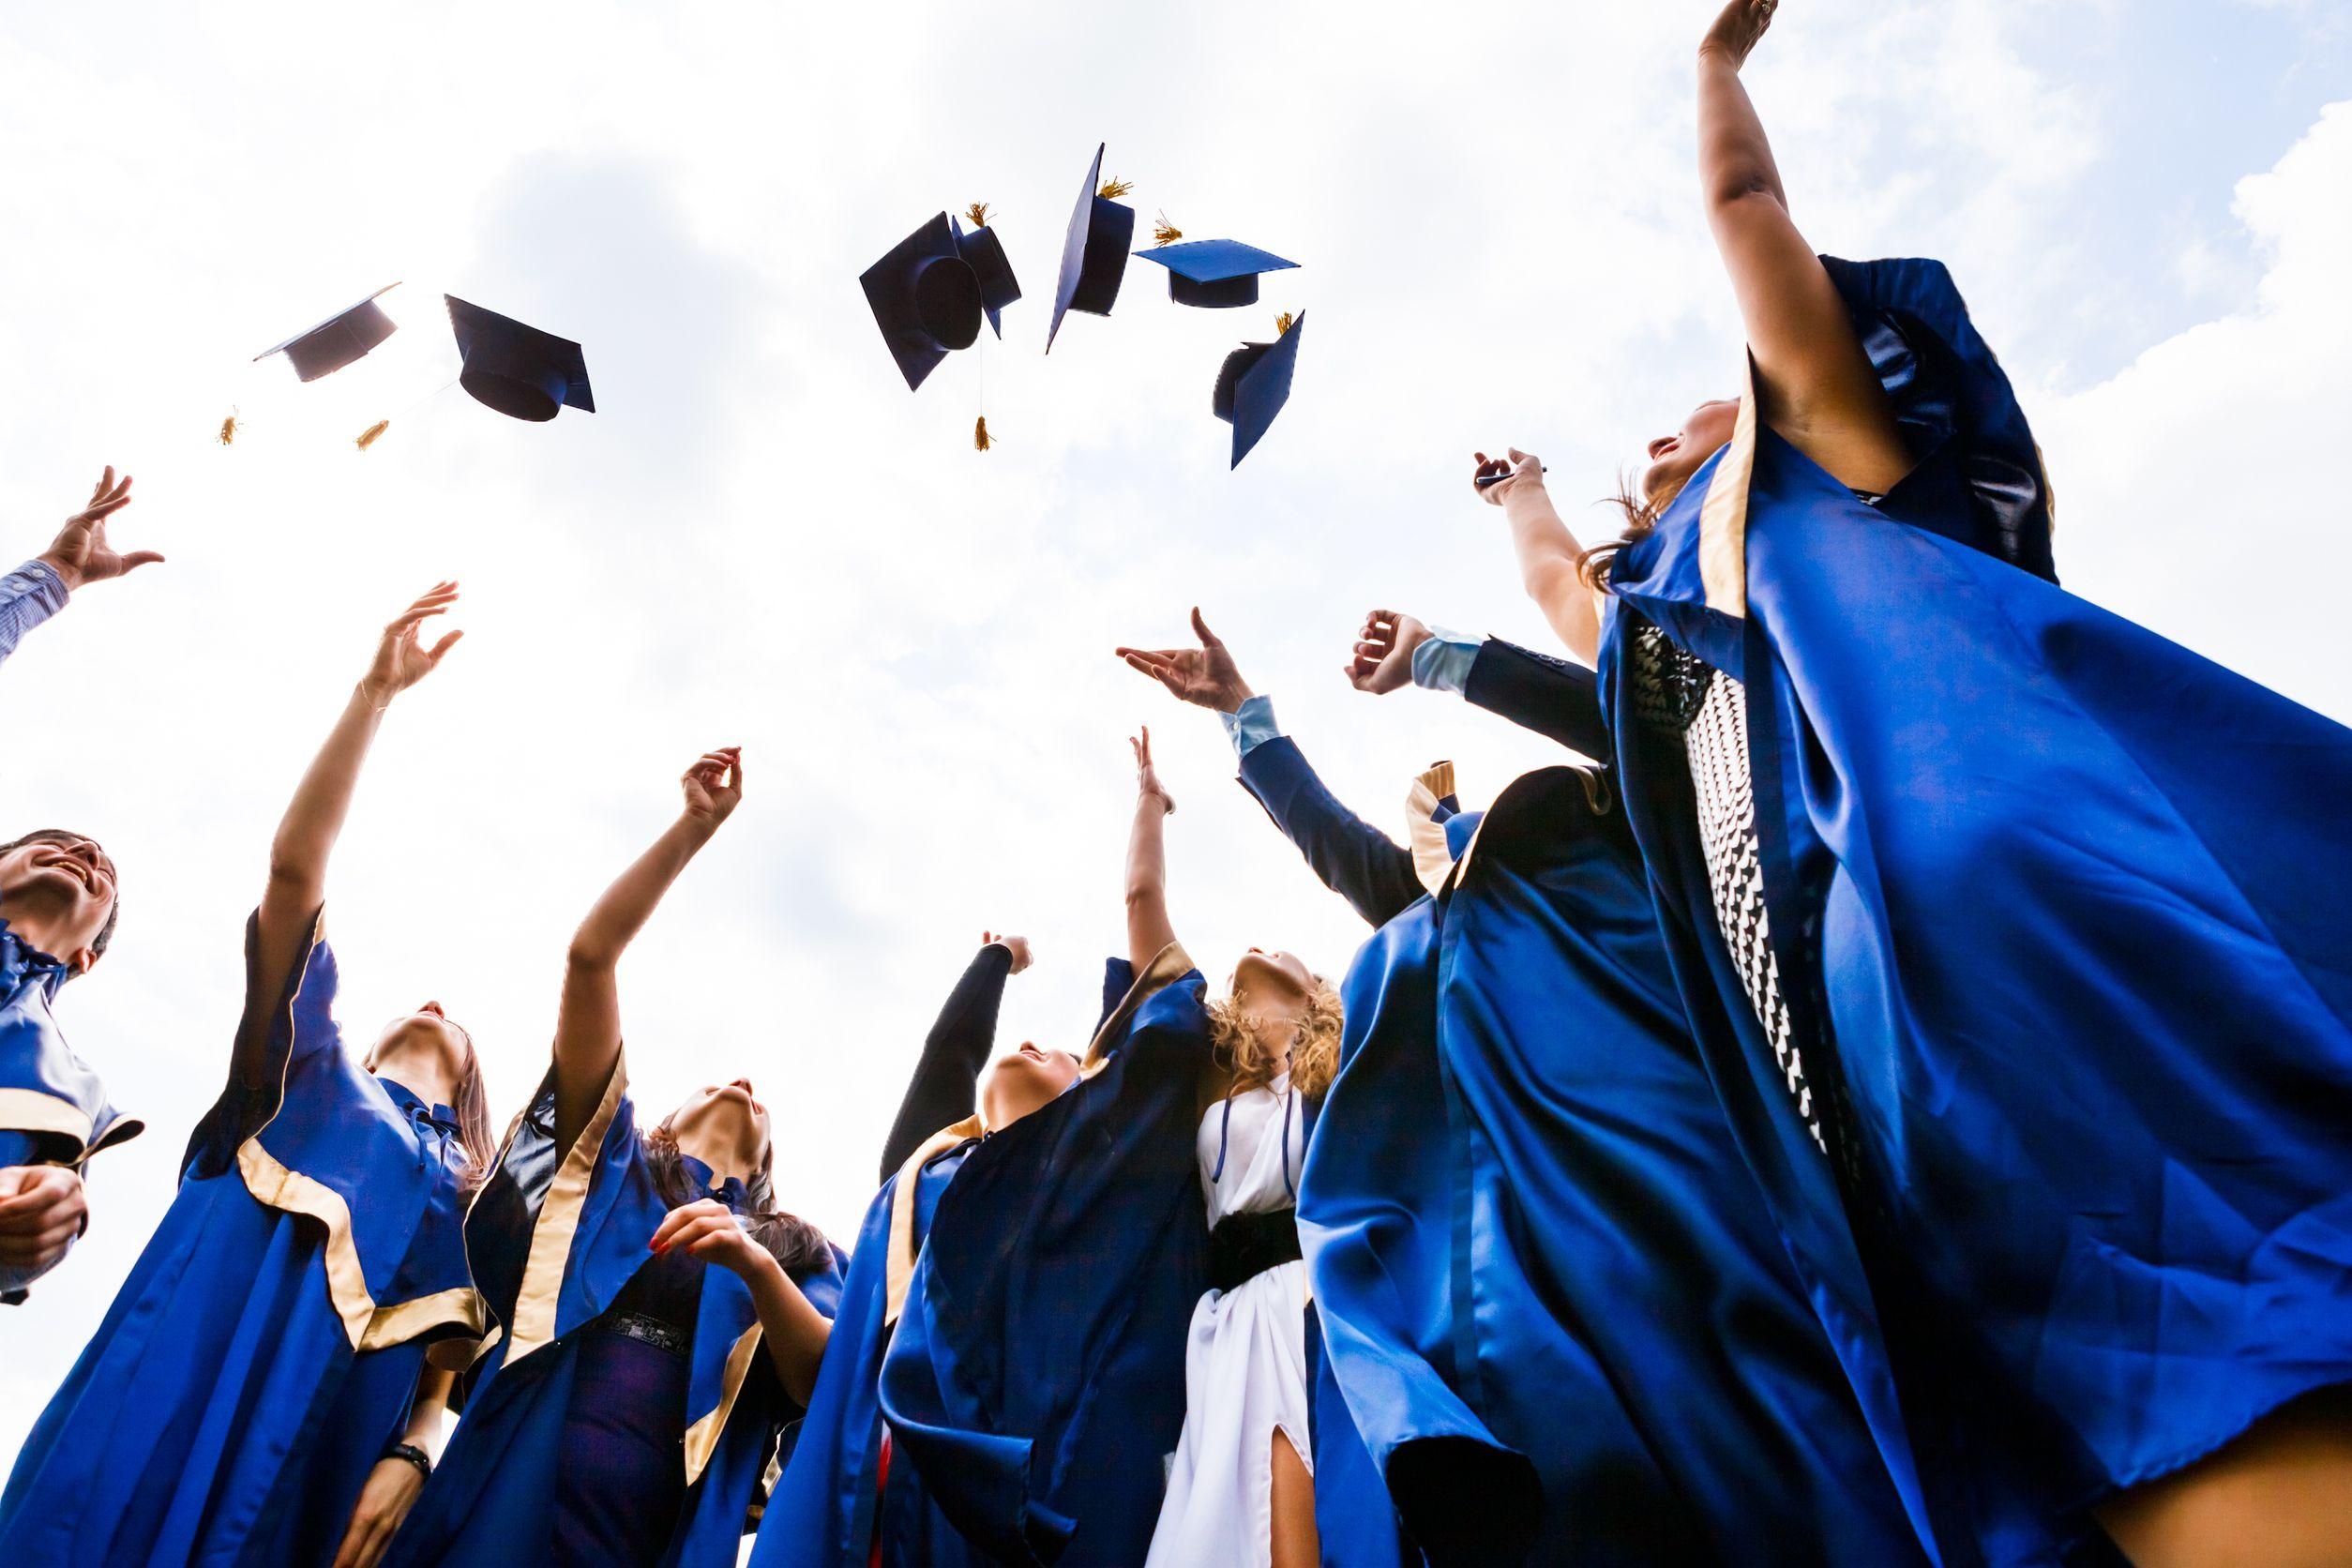 美本留学毕业起薪高专业揭秘 附2017年应届生毕业起薪排名